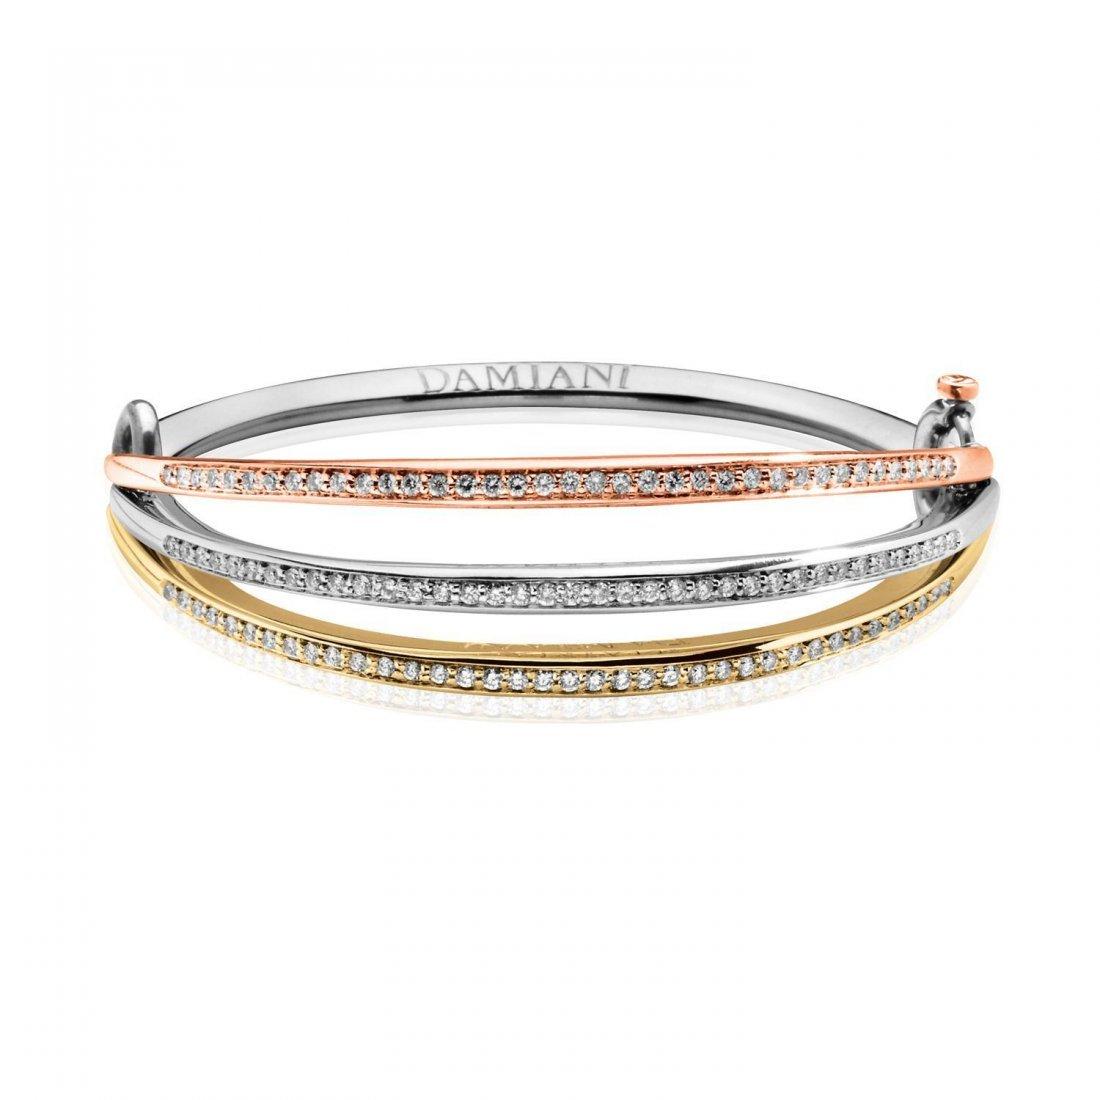 A gold bracelet by Damiani